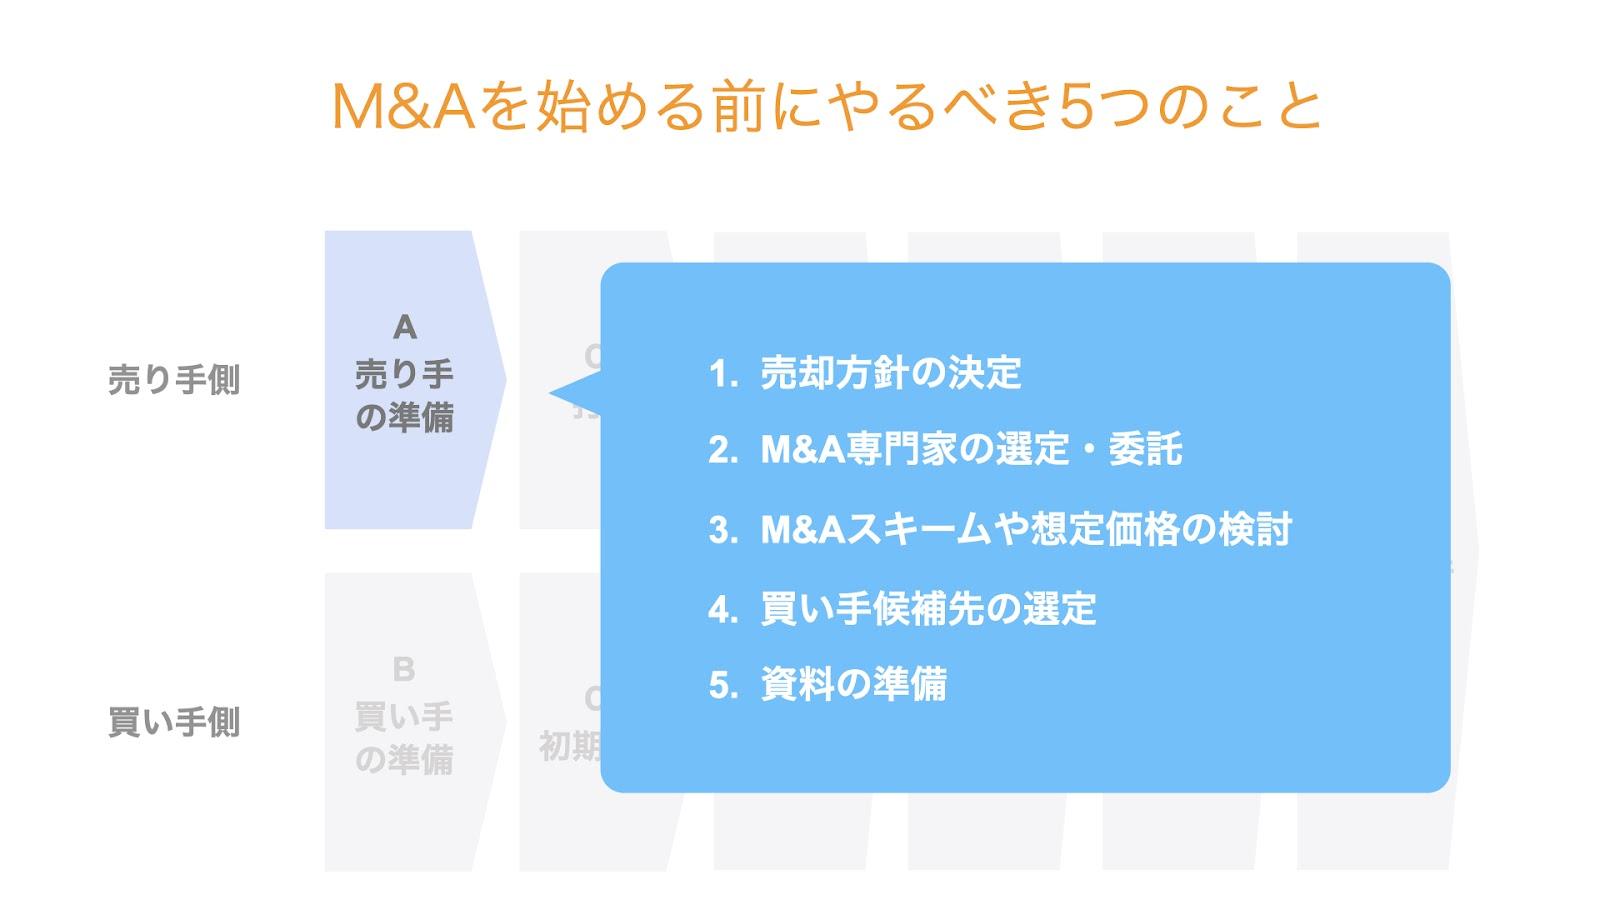 M&Aを始める前にやるべき5つのこと